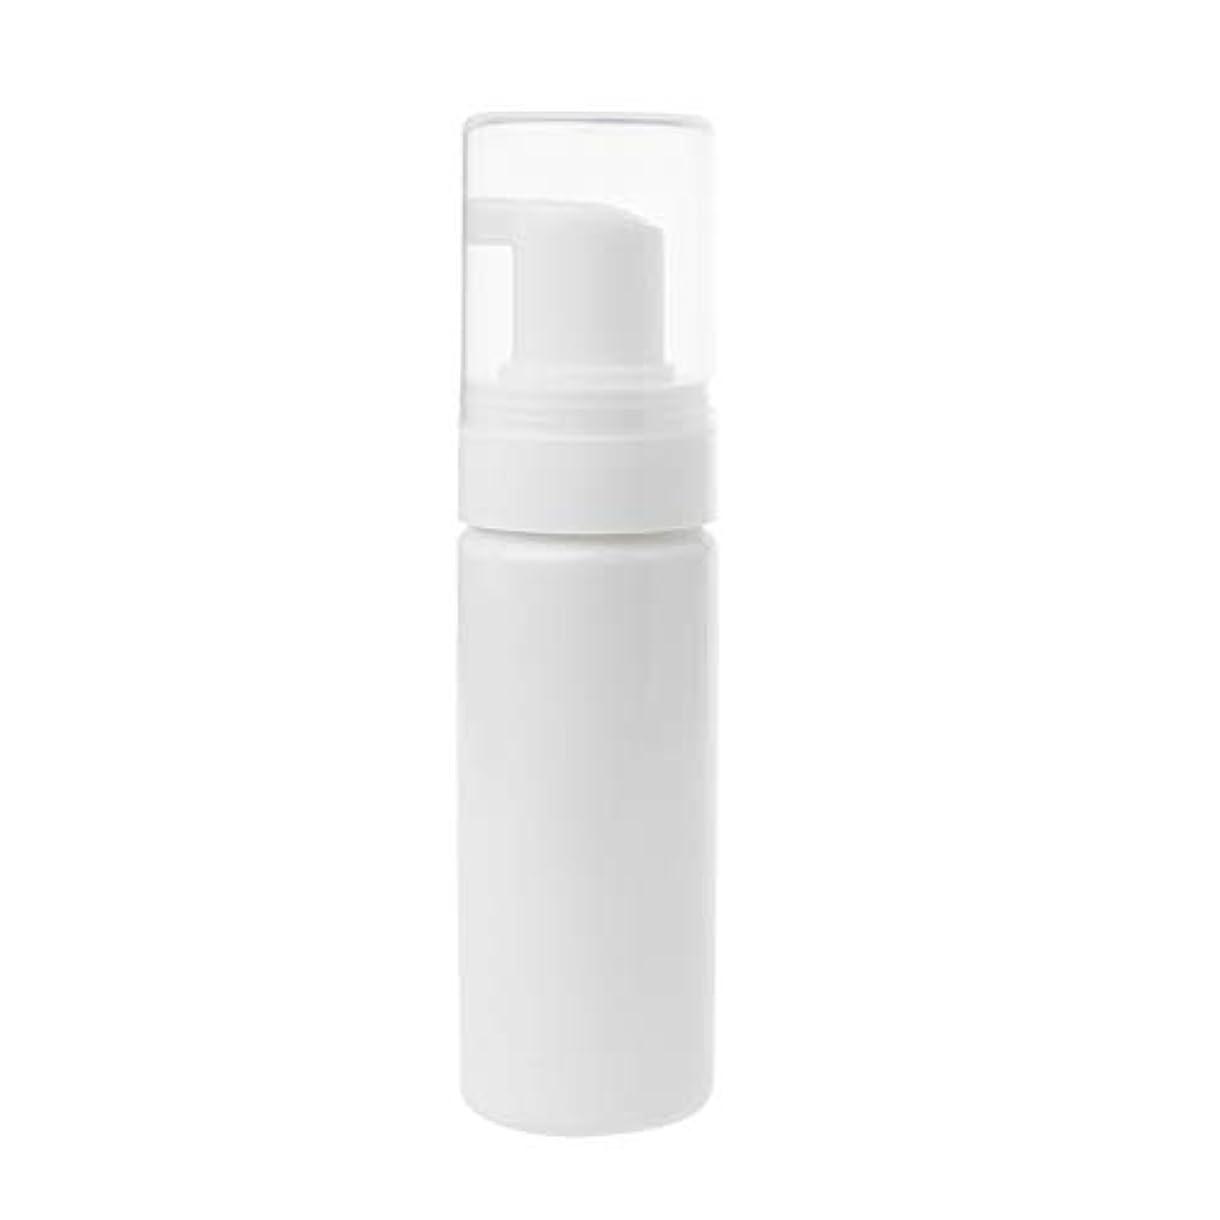 上外交問題化石WOVELOT 1個50ml キャップ付き発泡ボトル泡ポンプせっけんムース液体ディスペンサー泡ボトルプラスチックシャンプーローションボトル(ホワイト)